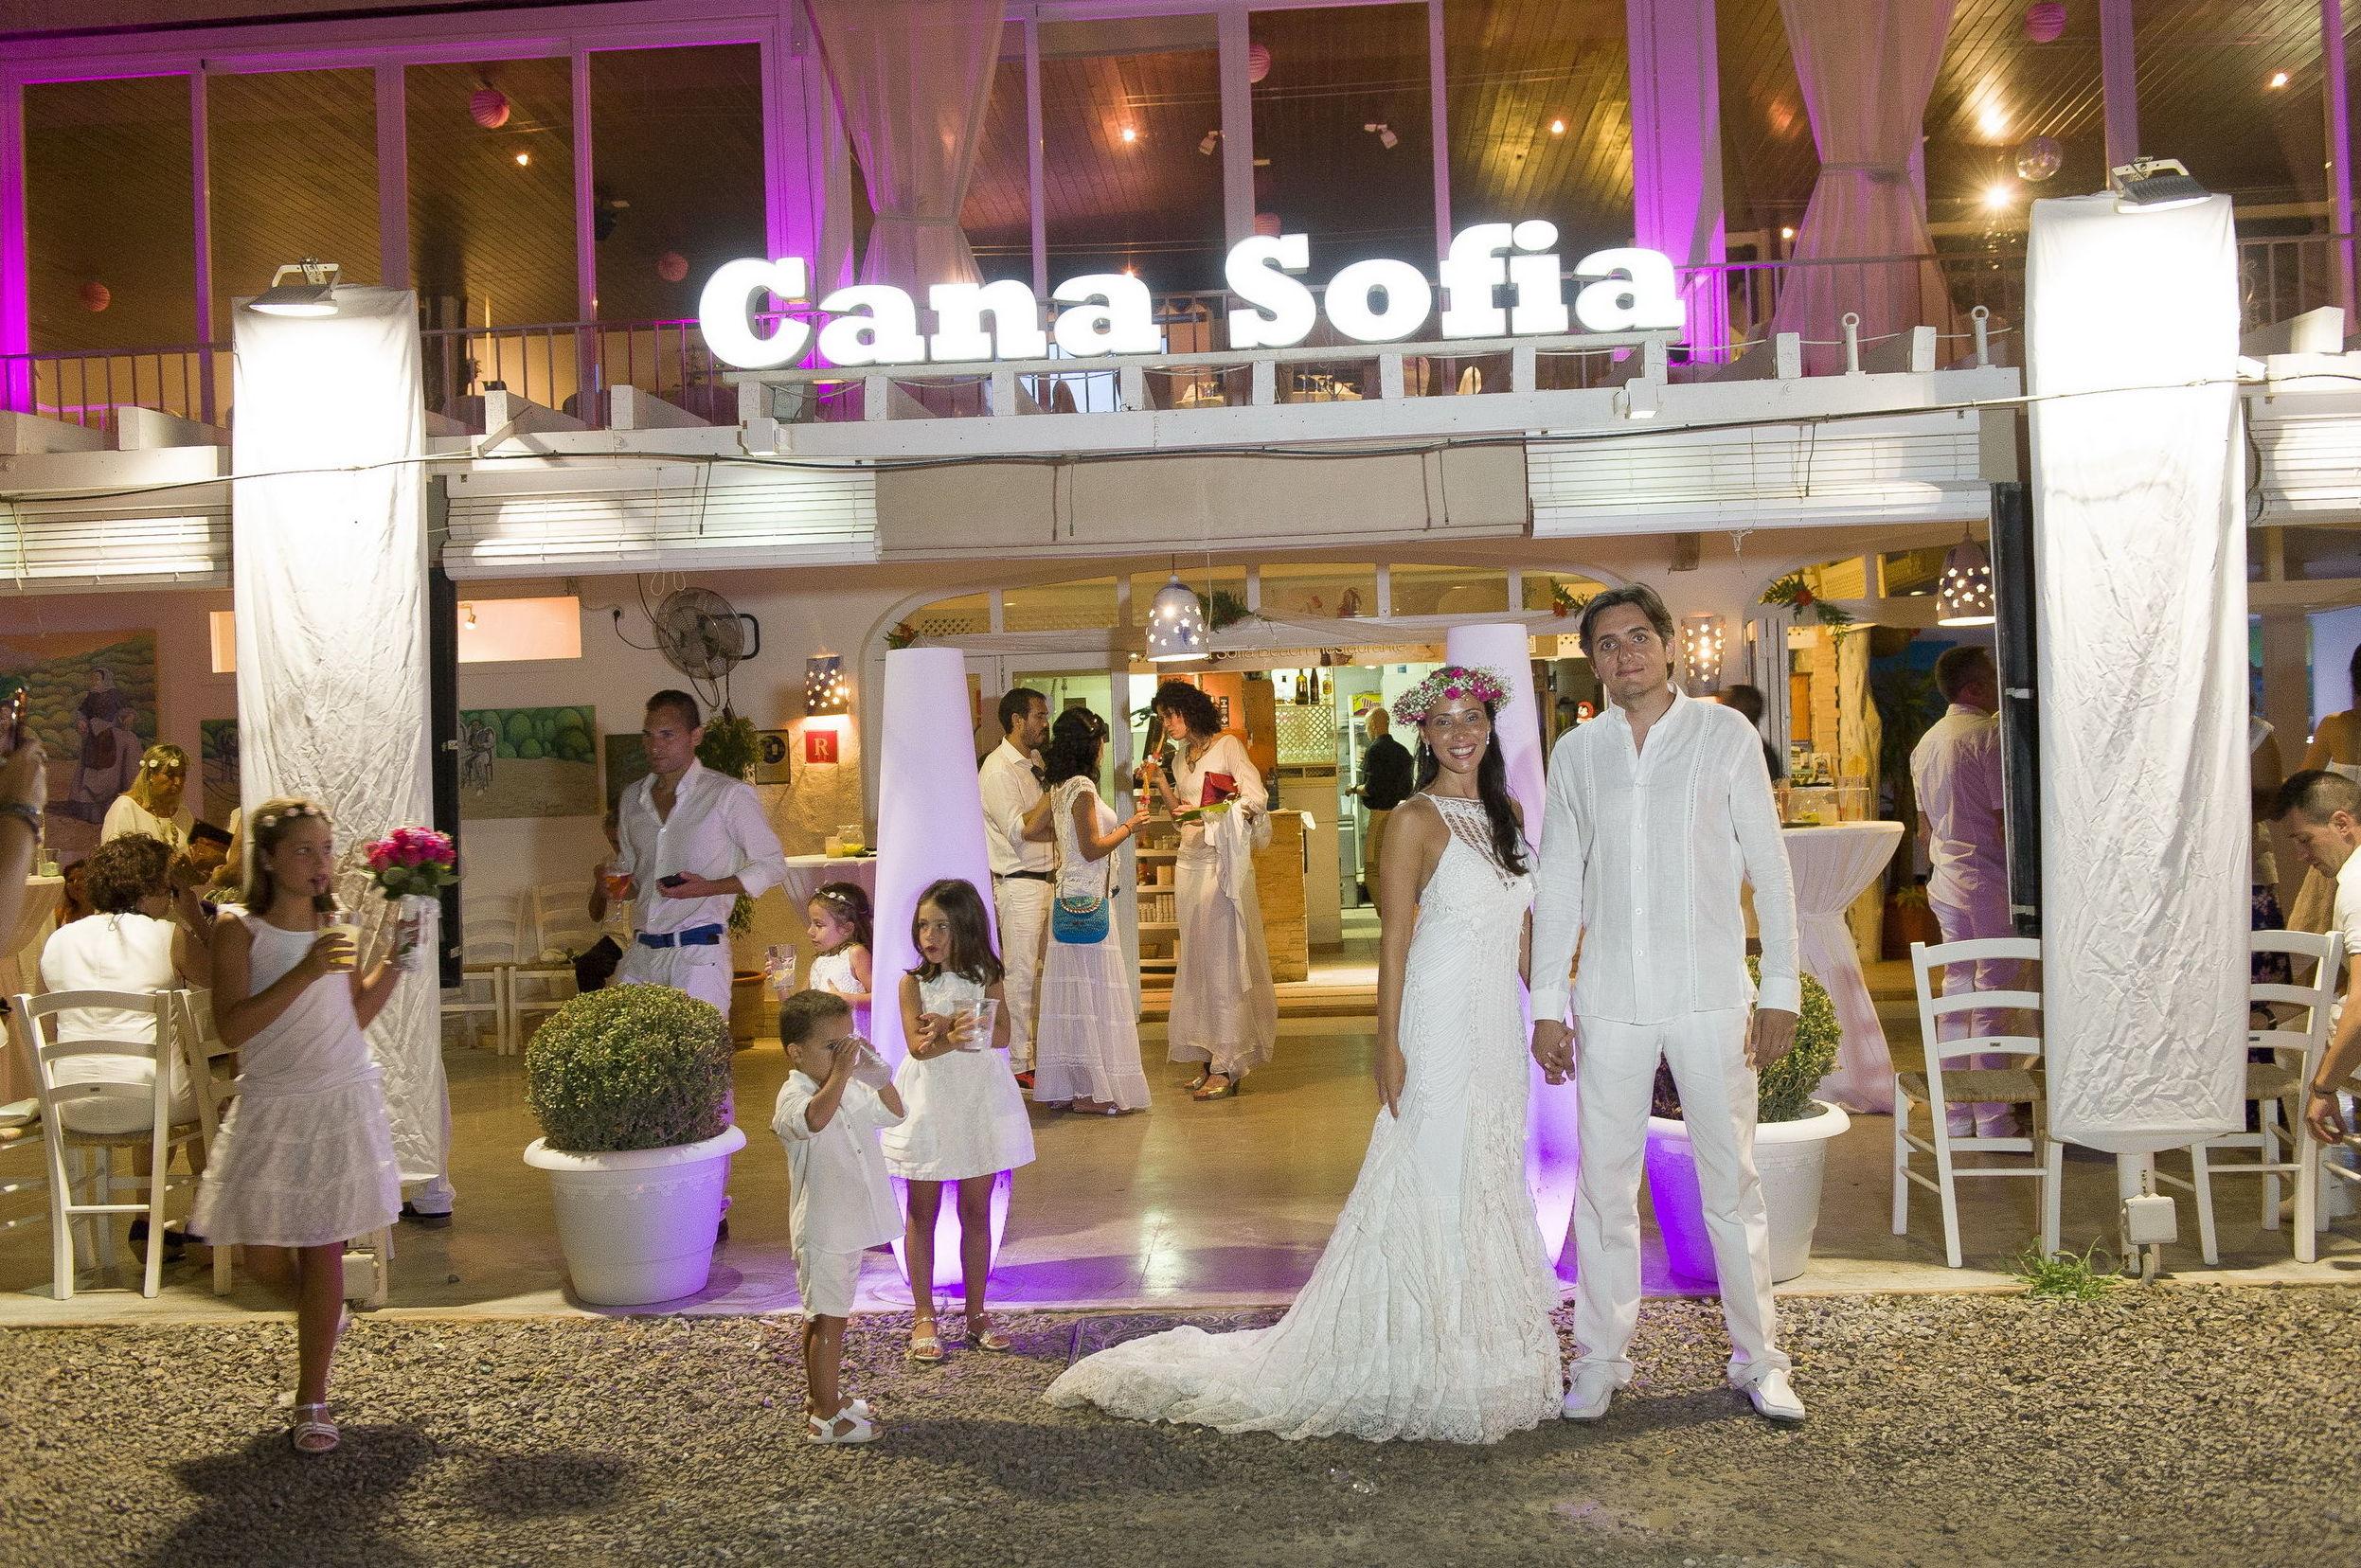 Novios ante la fachada del restaurante Cana Sofía